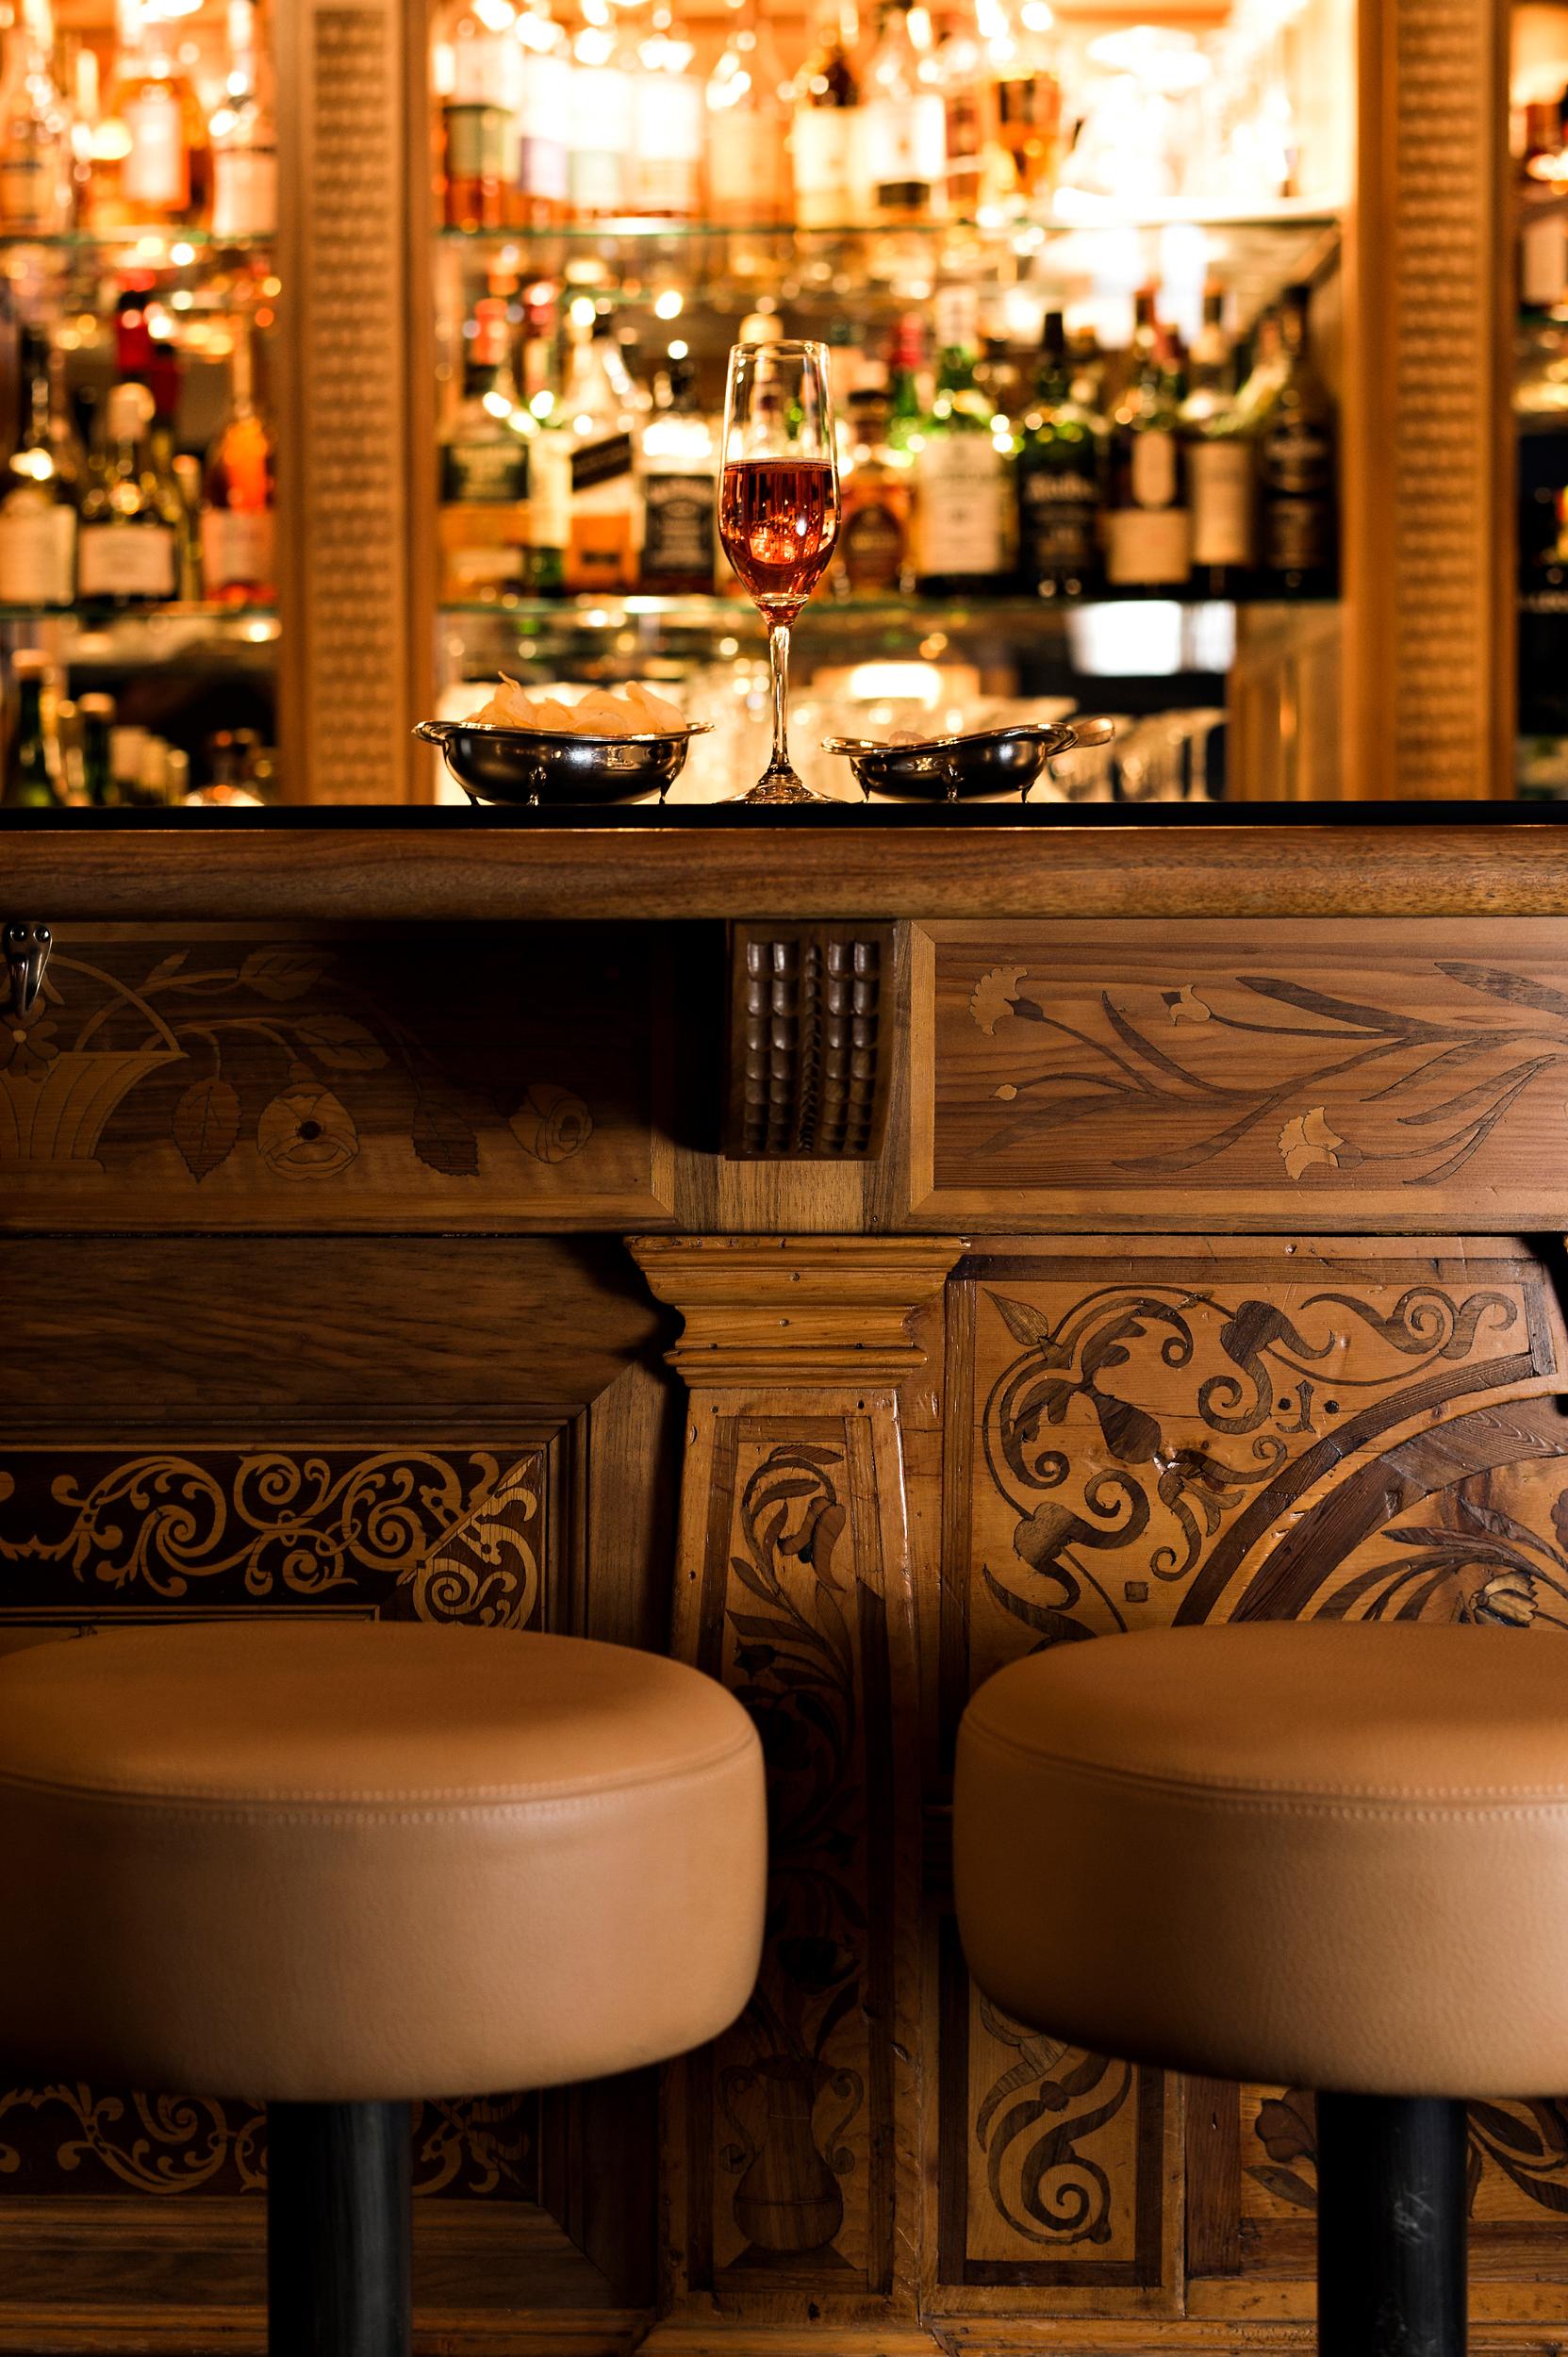 Bars 183 Kulm Hotel St Moritz